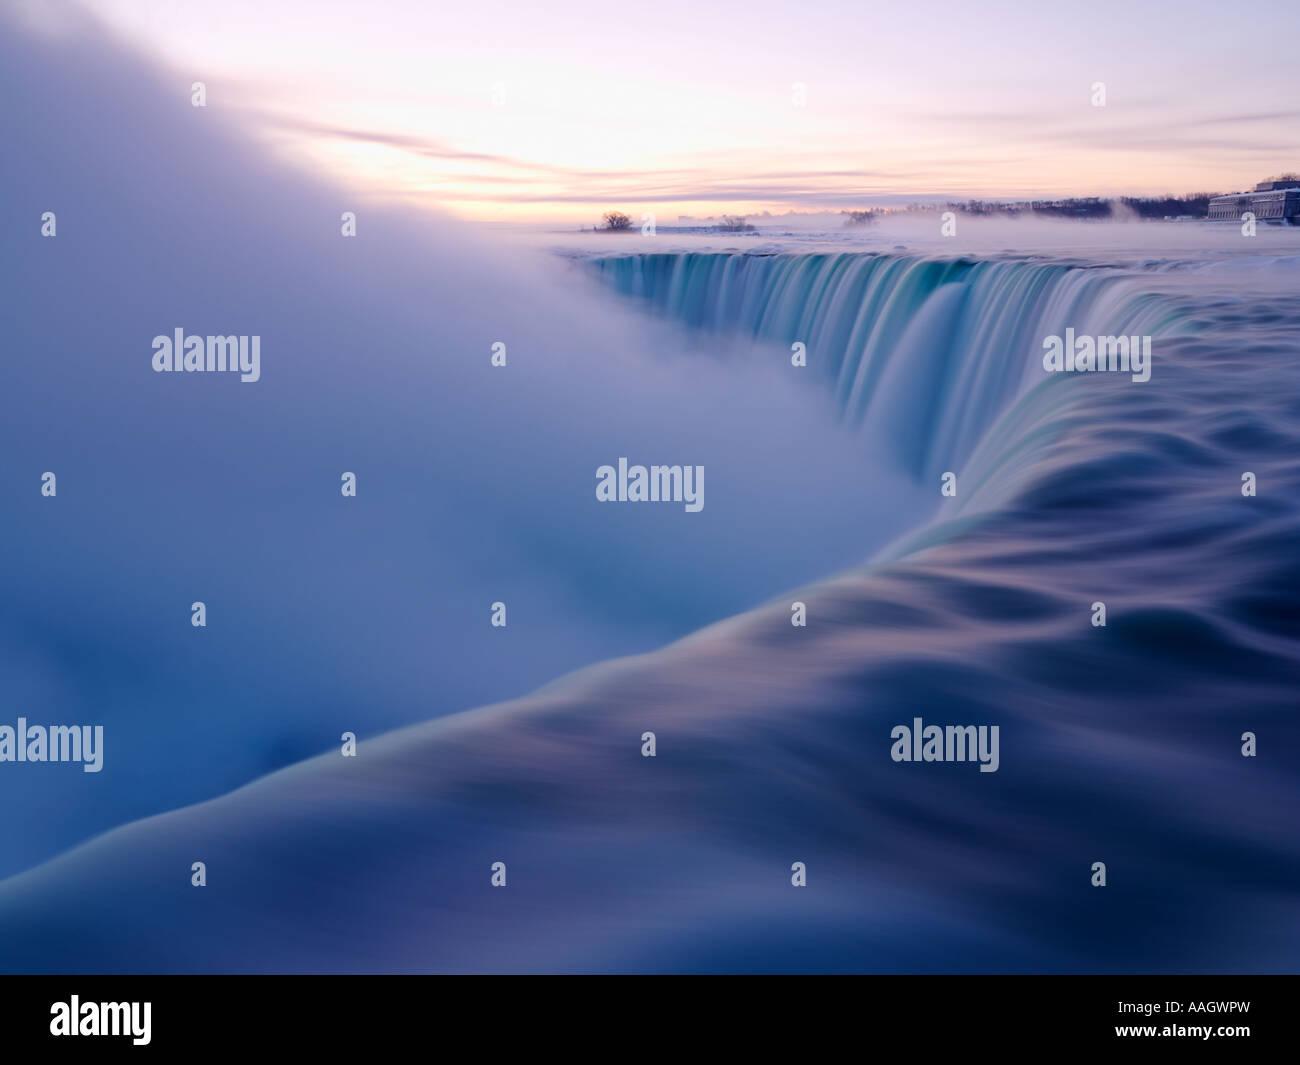 Kanada Ontario Niagara Falls in der Morgendämmerung Stockfoto